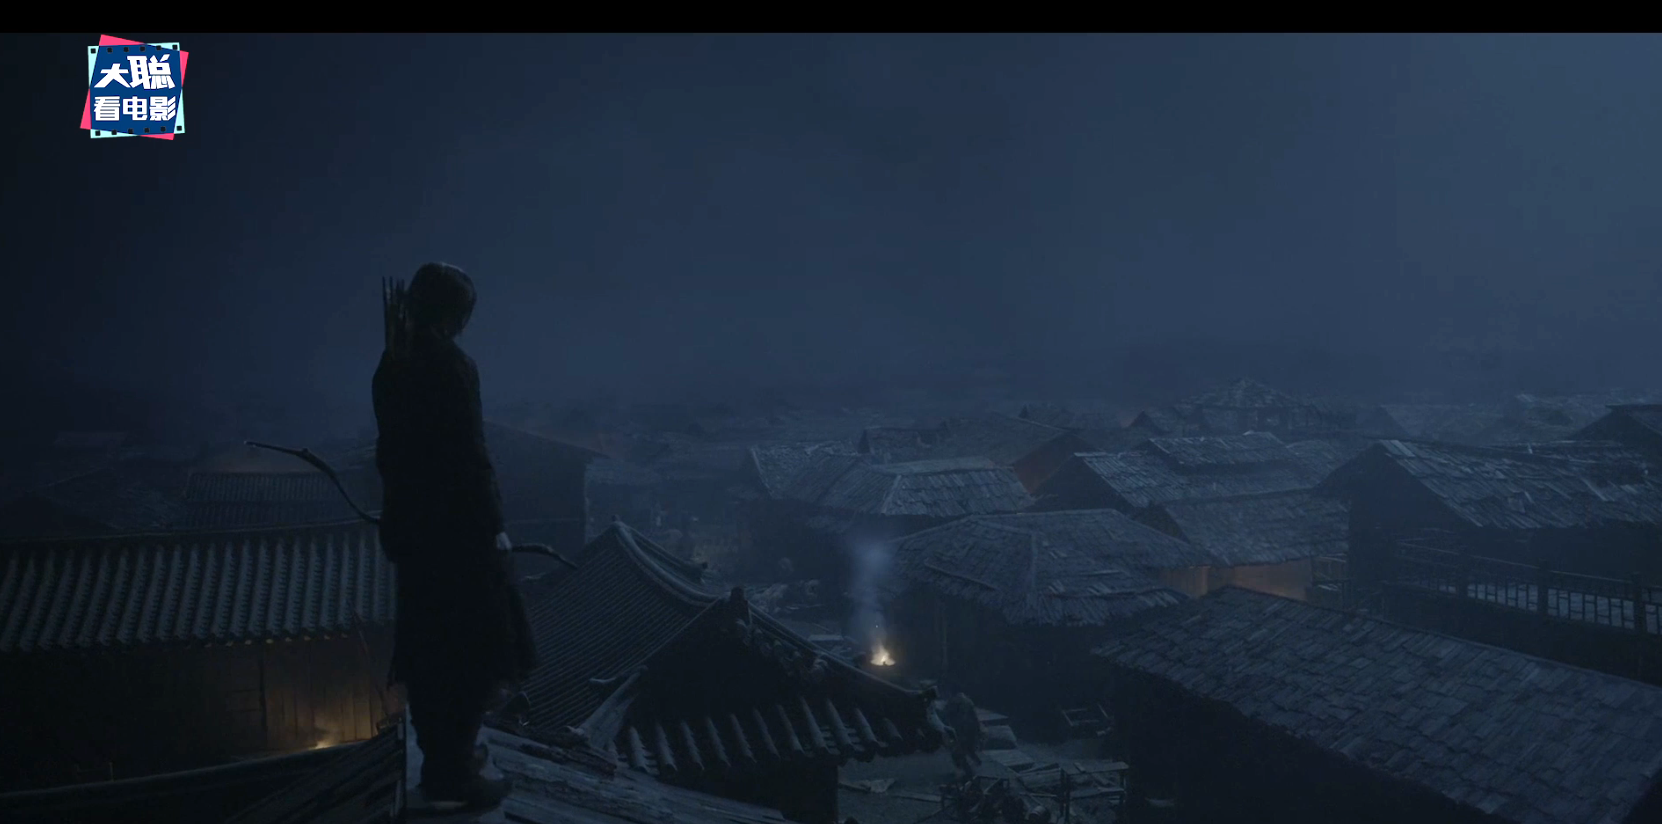 《王国:北方的阿信》影评及片尾解析!第三季脑洞